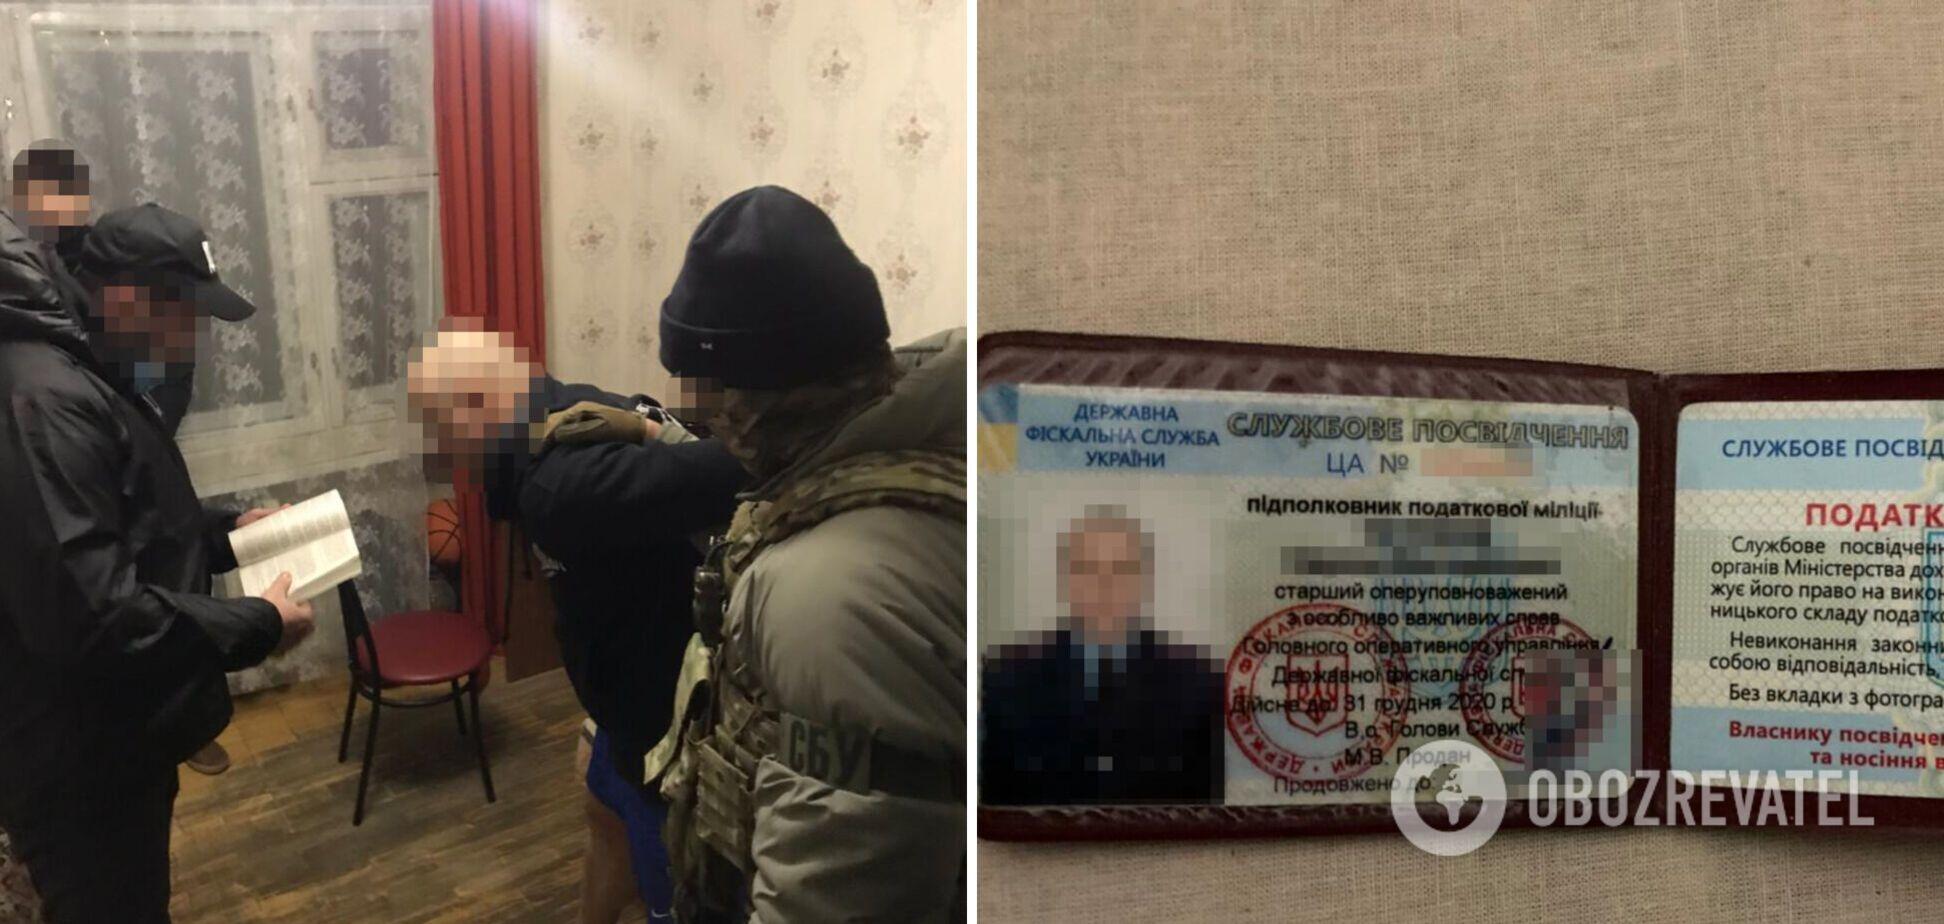 В ГБР уточнили детали задержания подполковника налоговой, передававшего секретные данные 'ДНР'. Фото и видео